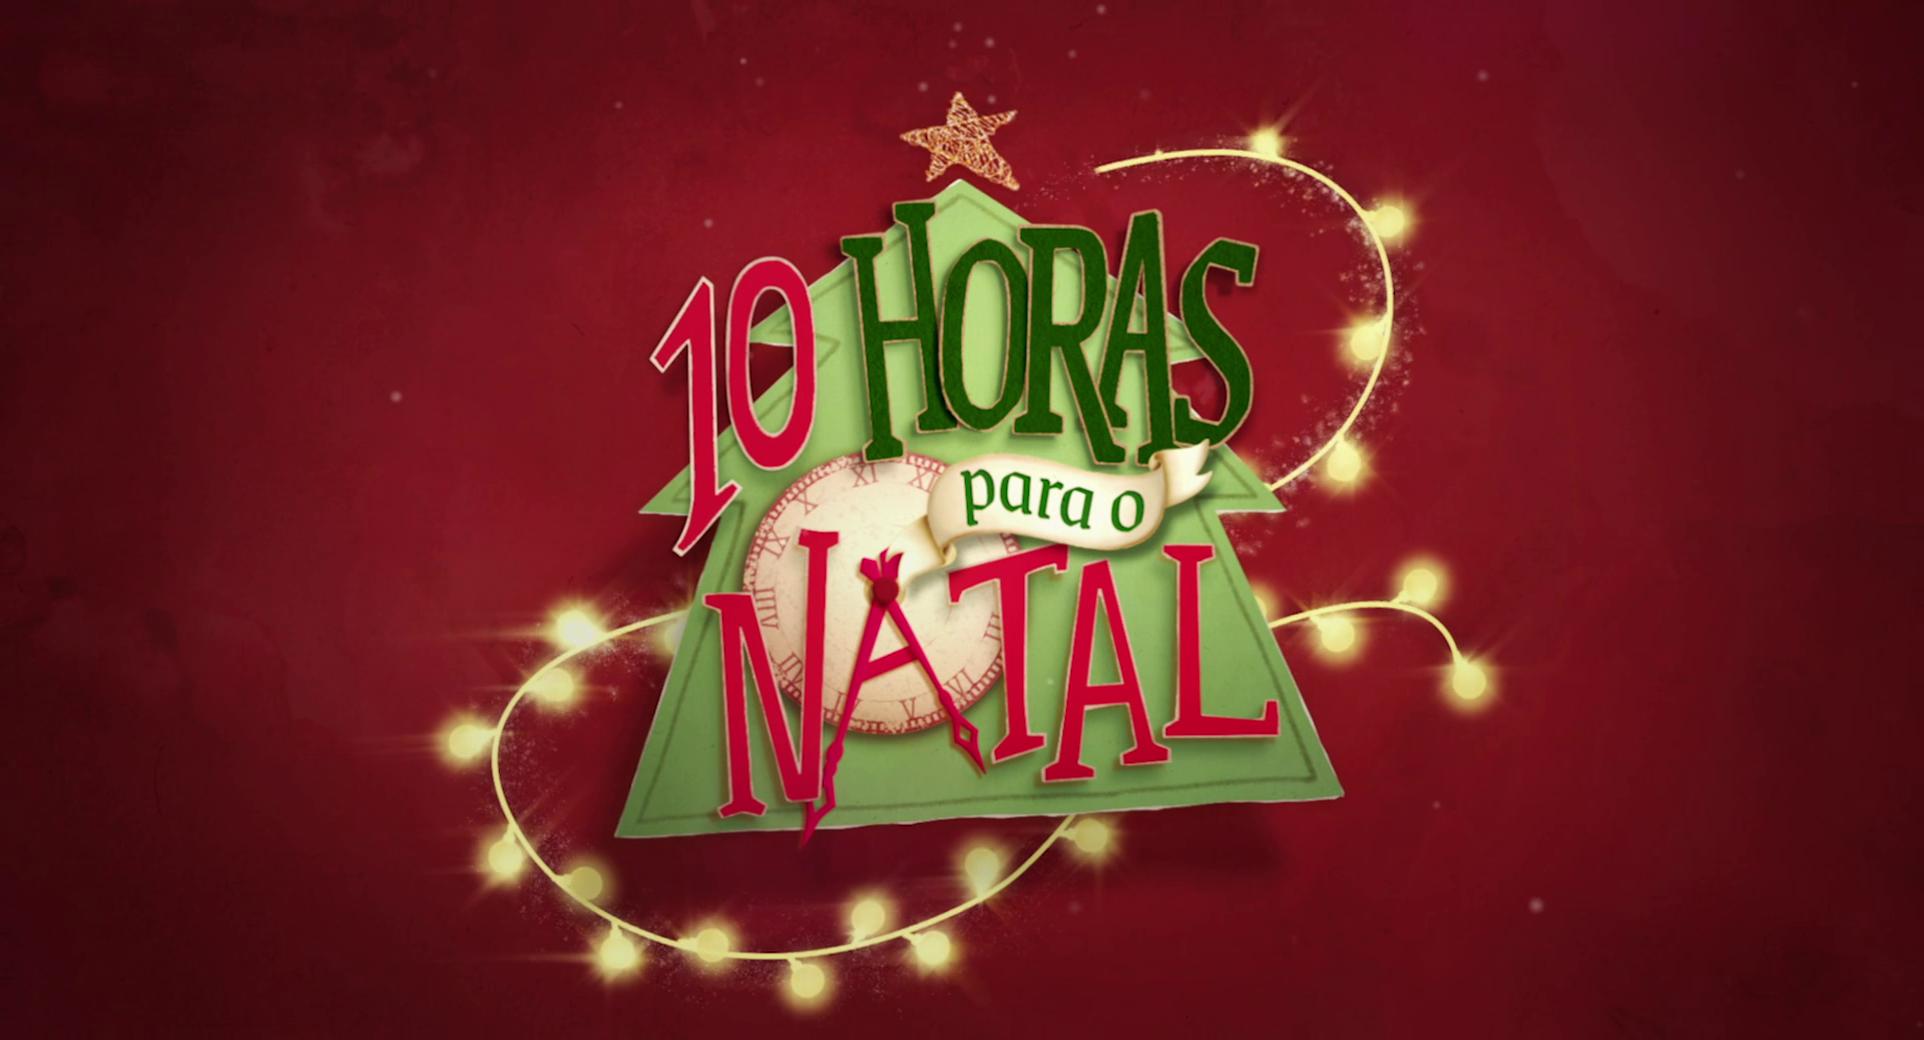 10 Horas para Navidad (2020) 1080p WEB-DL AMZN Latino